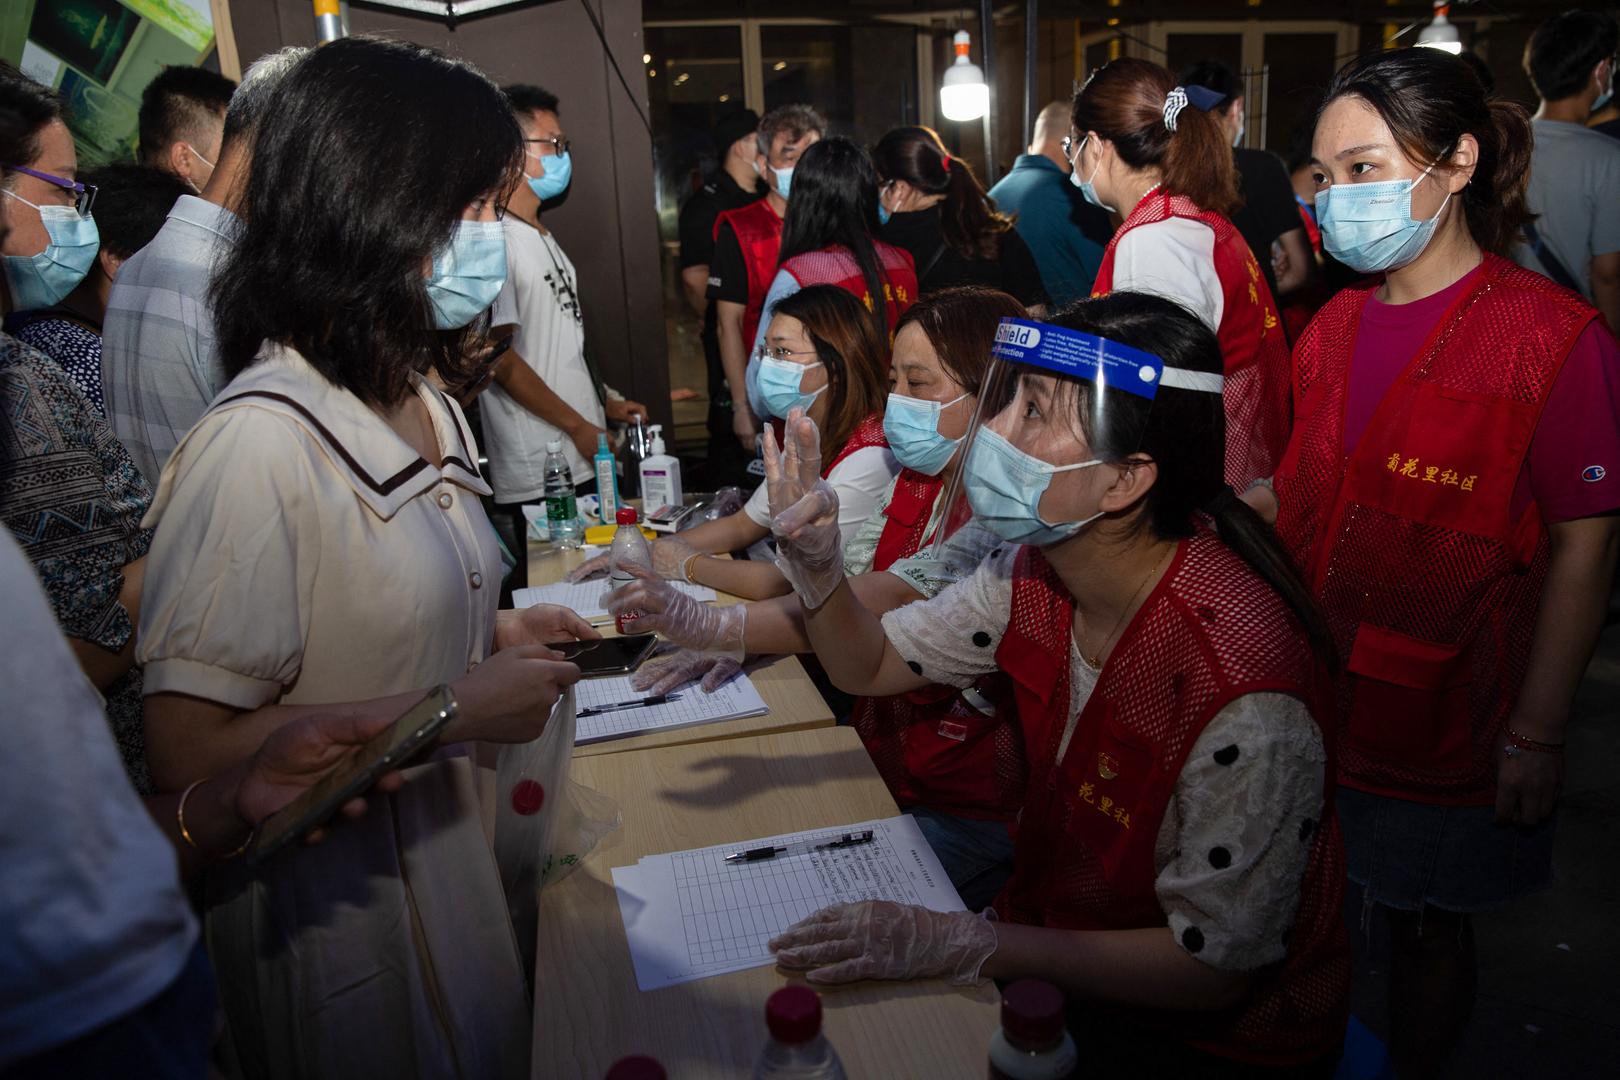 الصين تسجل رقما قياسيا في حالات الإصابة بكورونا منذ مطلع العام